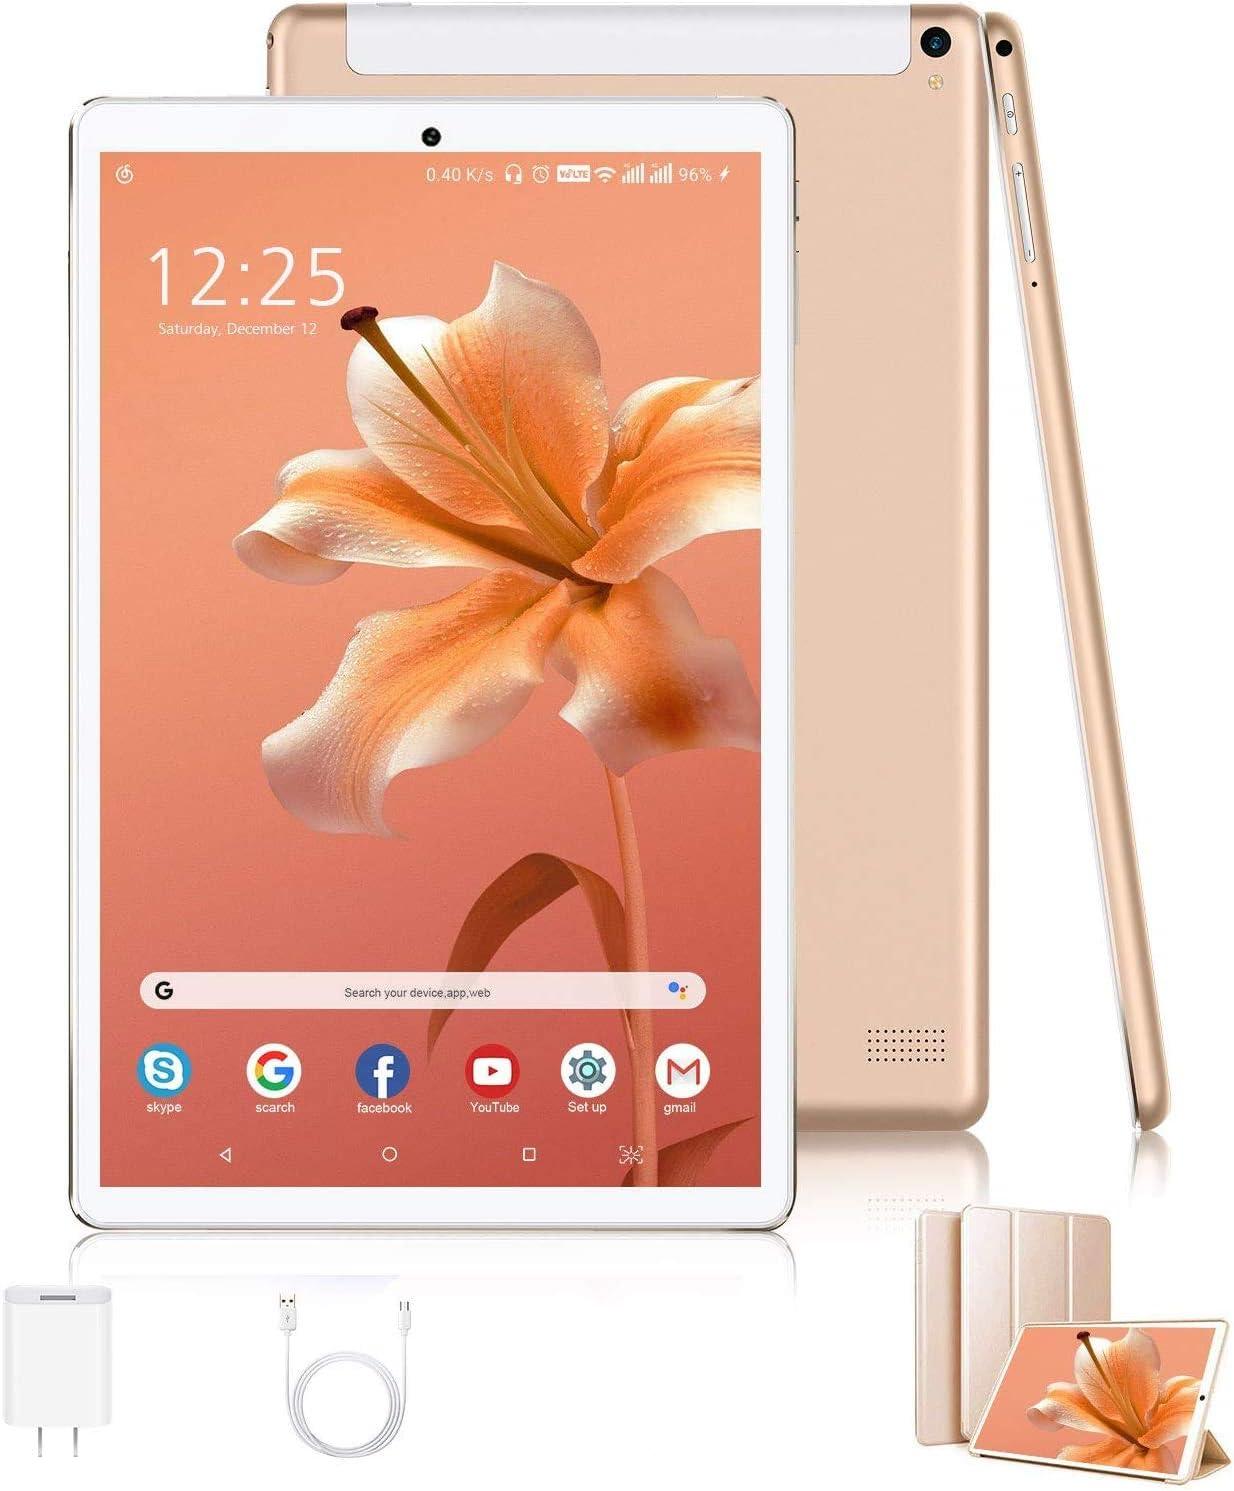 Tablets 10.1 Pulgadas 4G Android 10 3GB RAM 32GB ROM 128GB Escalables de Memoria Tableta PC 8000mAh Quad-Core 8MP Dual SIM Tablet Baratos y Buenas 4G WiFi Bluetooth Netflix (Oro)